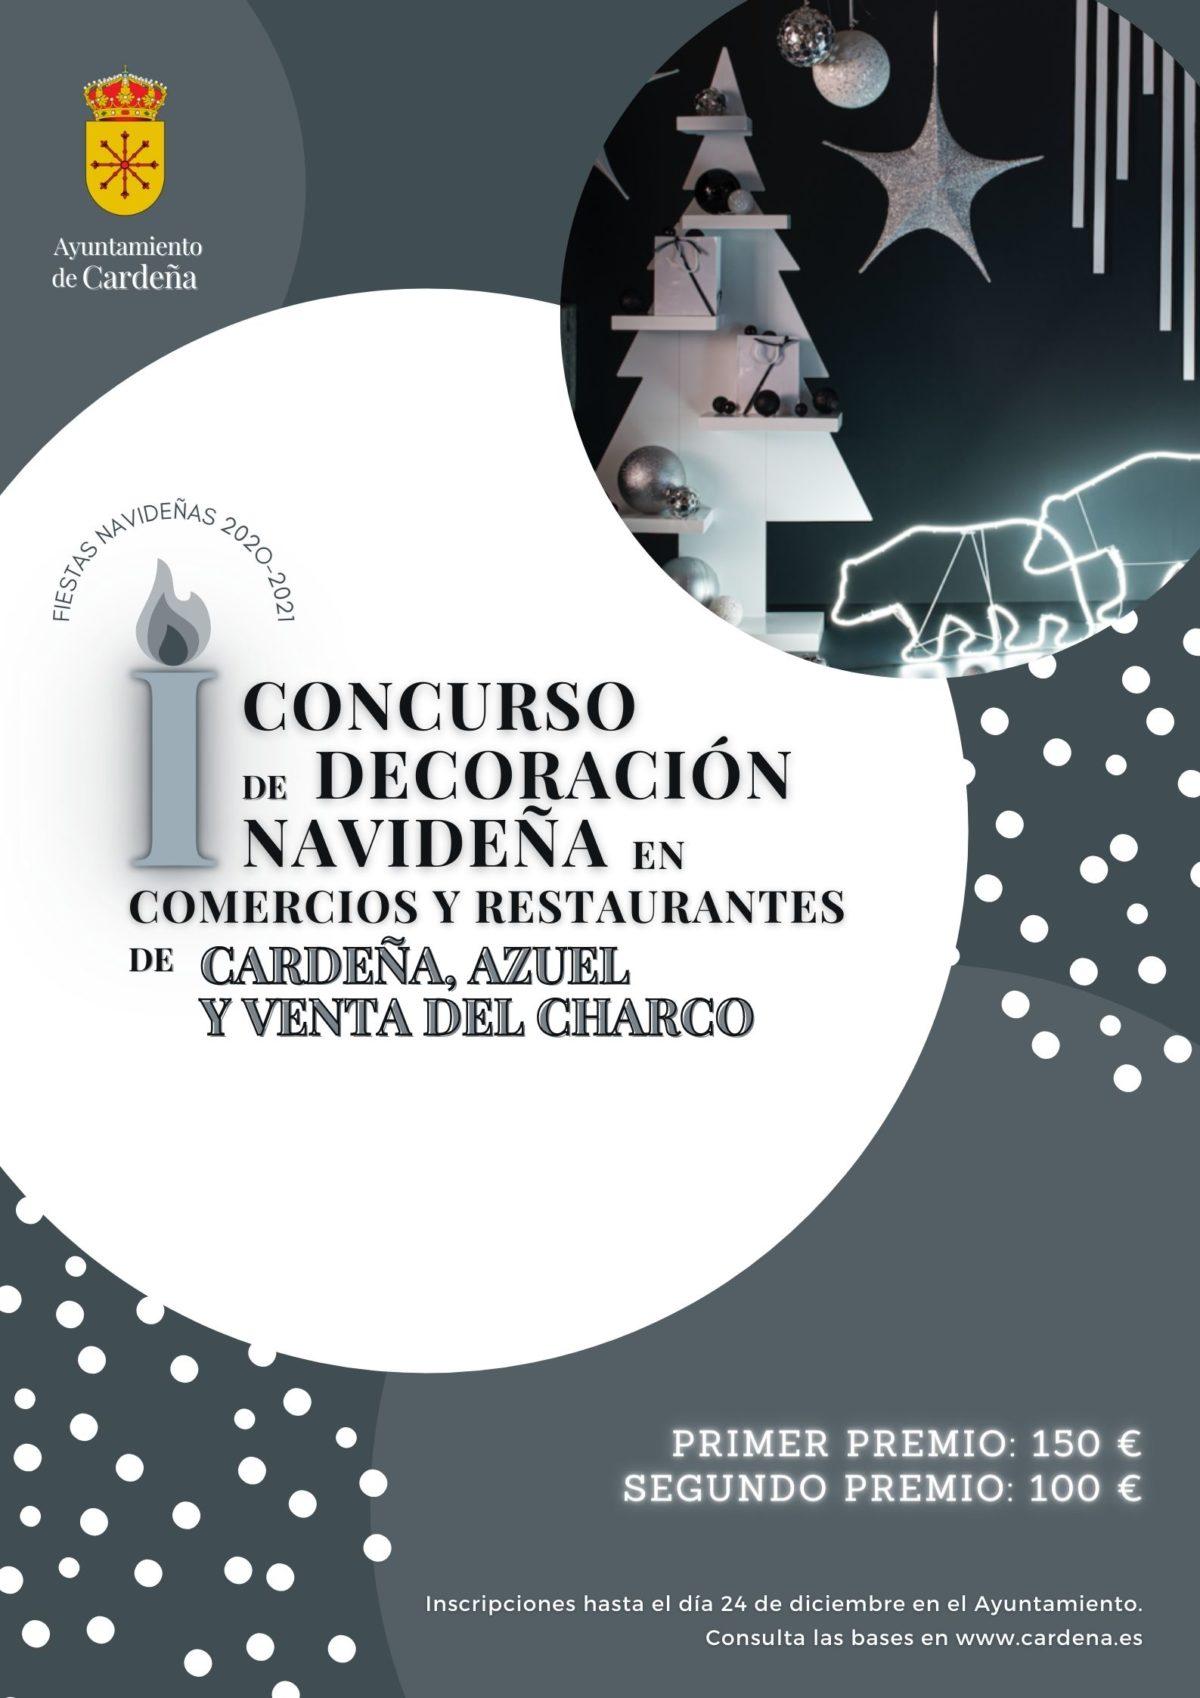 I CONCURSO DE DECORACIÓN NAVIDEÑA DE FACHADAS Y ESCAPARATES DE COMERCIOS Y RESTAURANTES